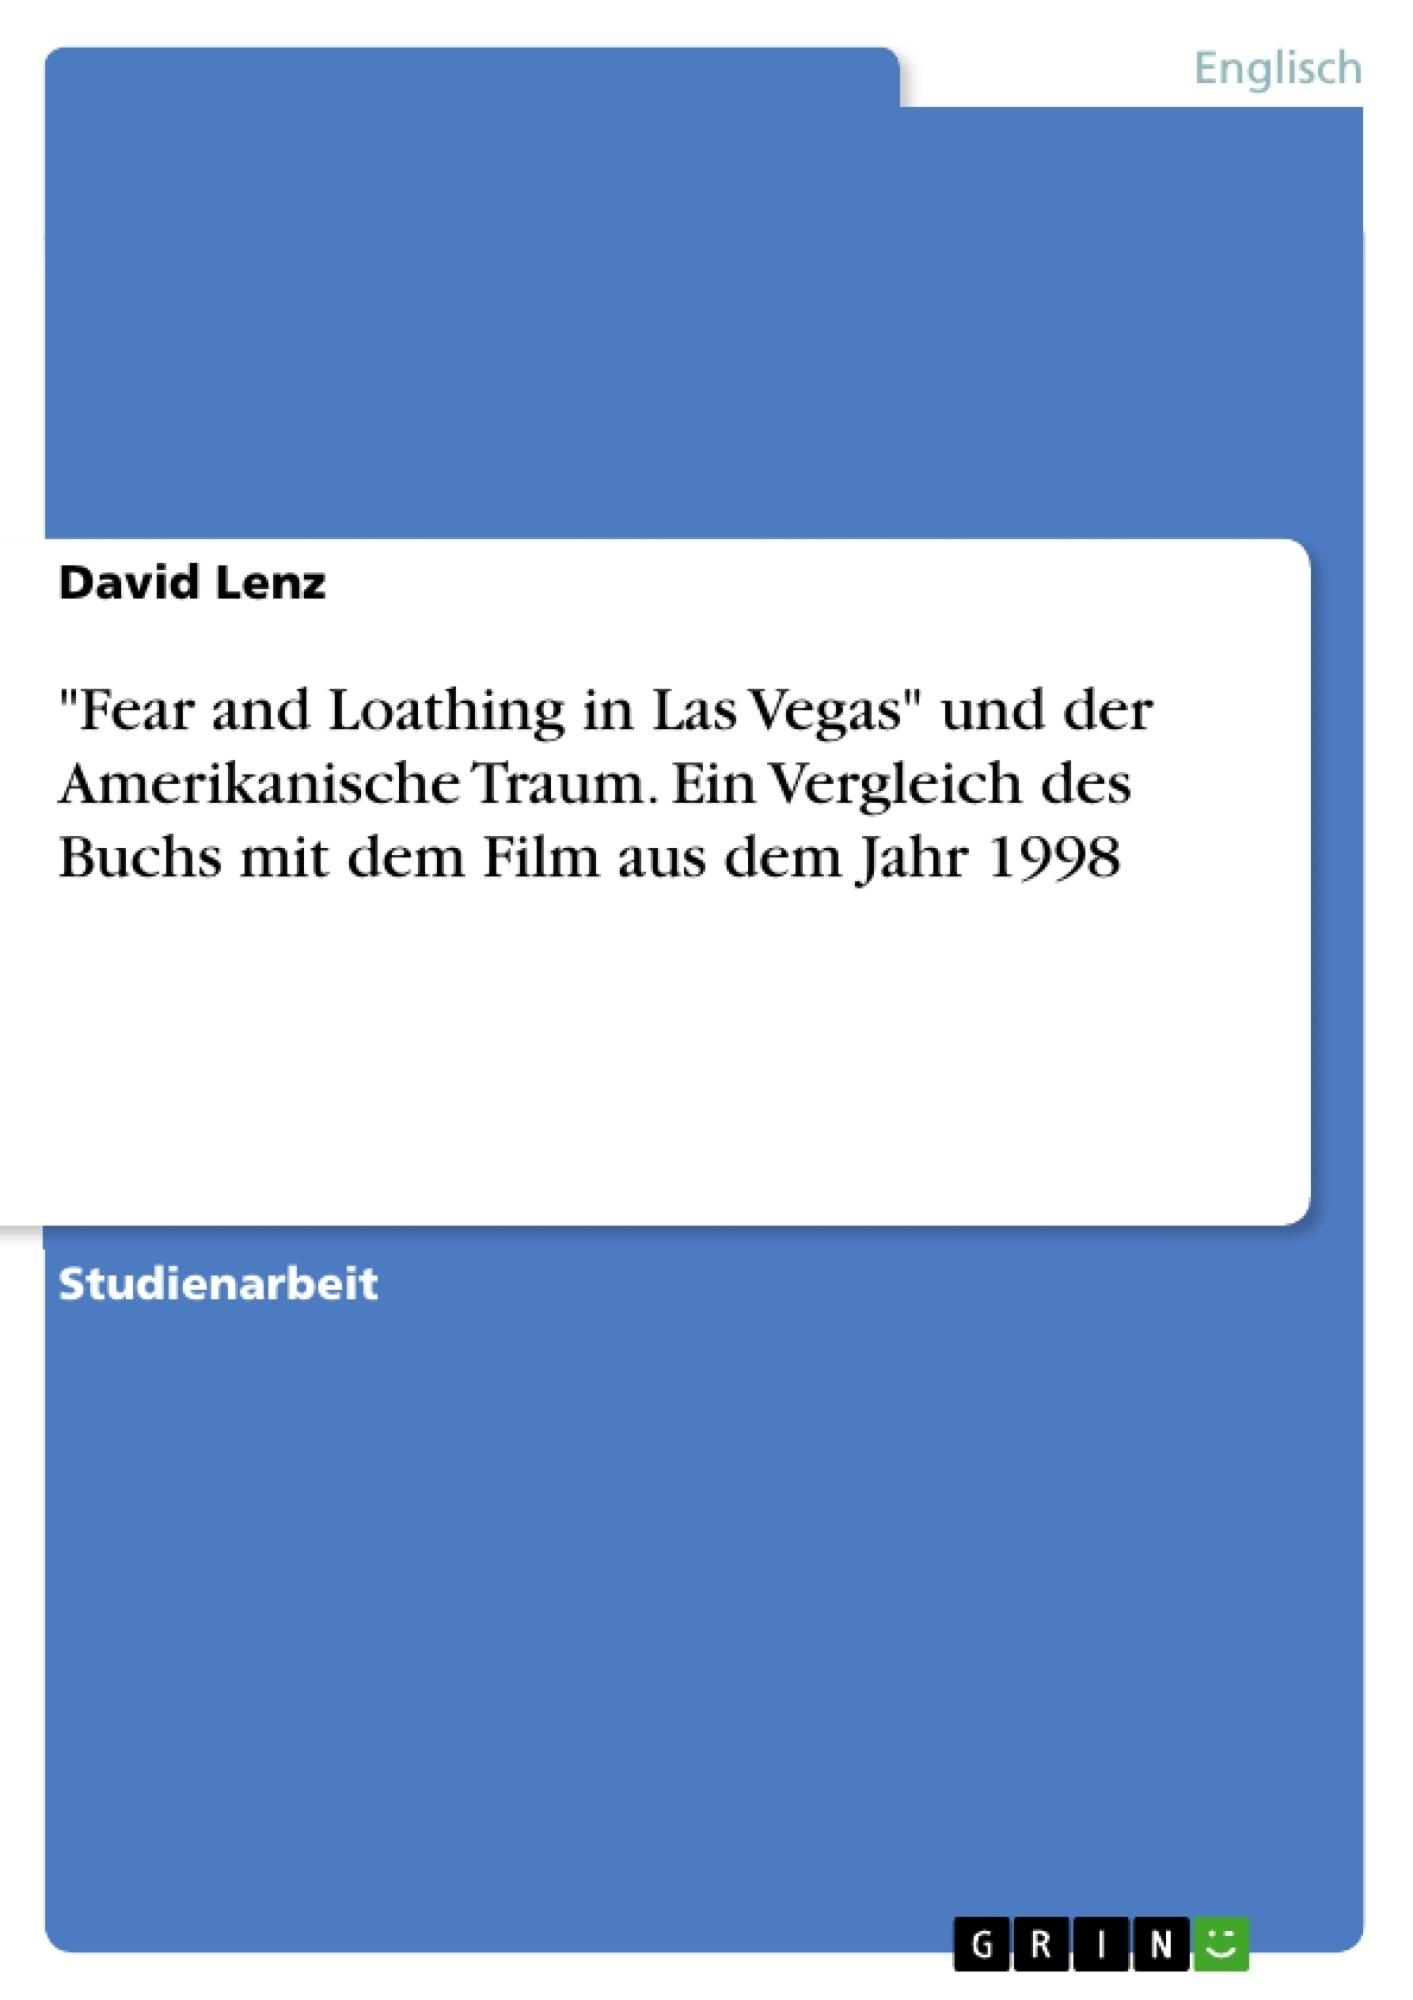 """Titel: """"Fear and Loathing in Las Vegas"""" und der Amerikanische Traum. Ein Vergleich des Buchs mit dem Film aus dem Jahr 1998"""